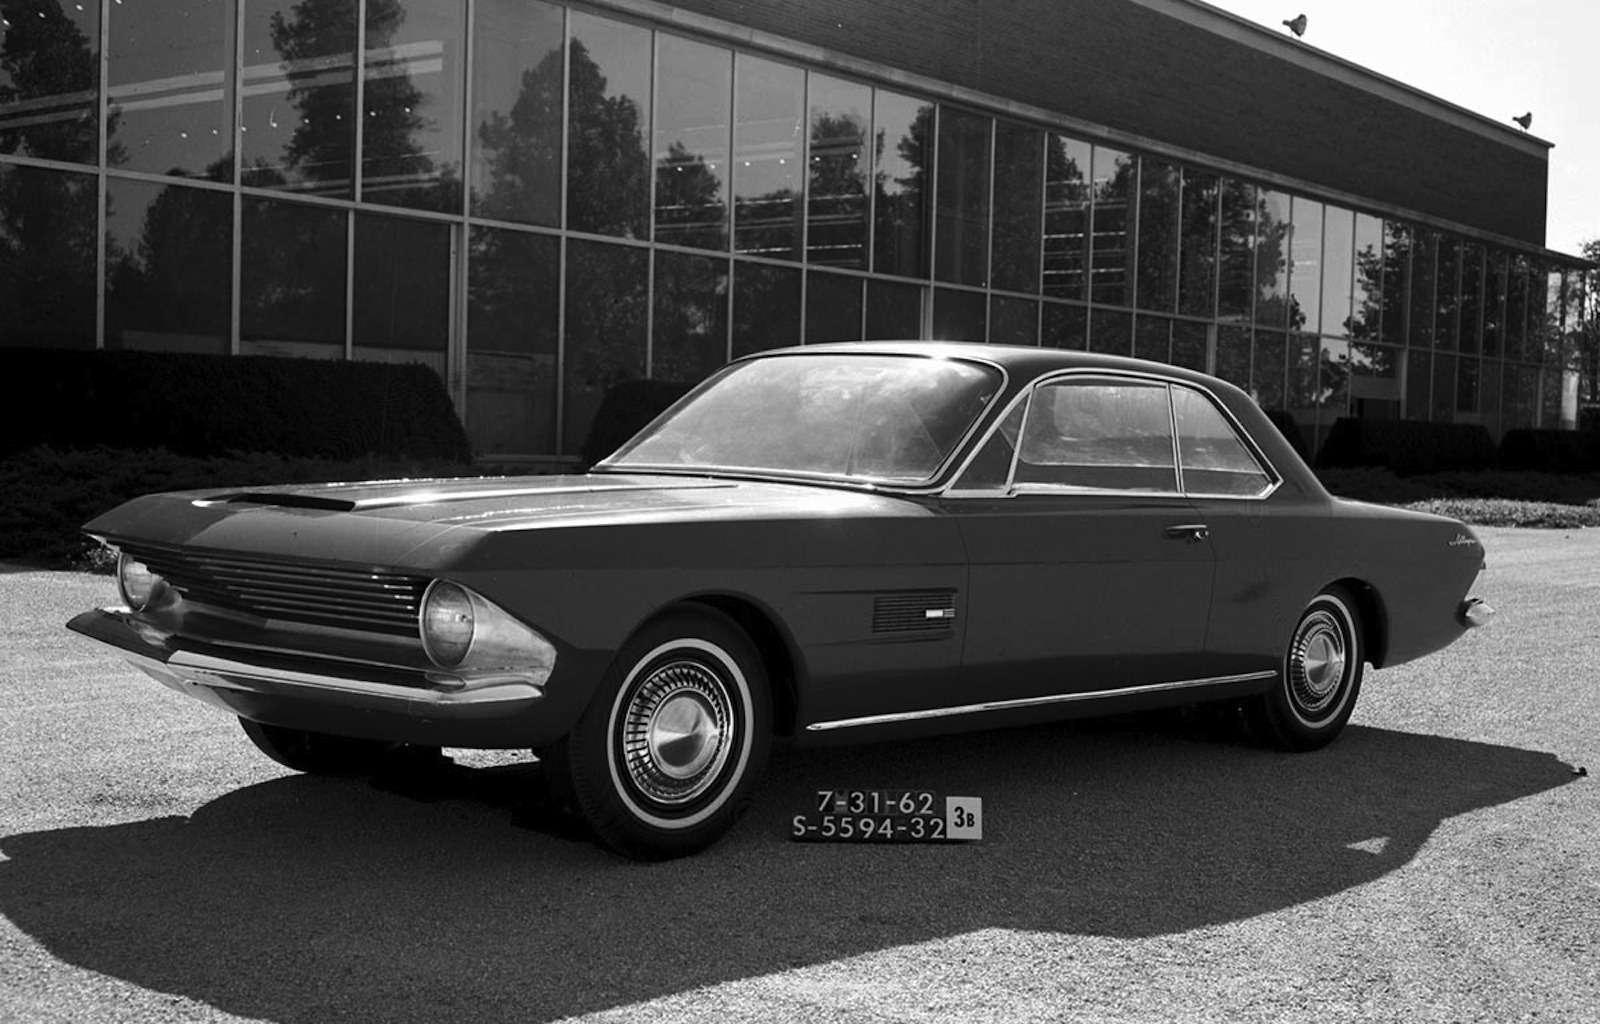 1962 Allegro design study